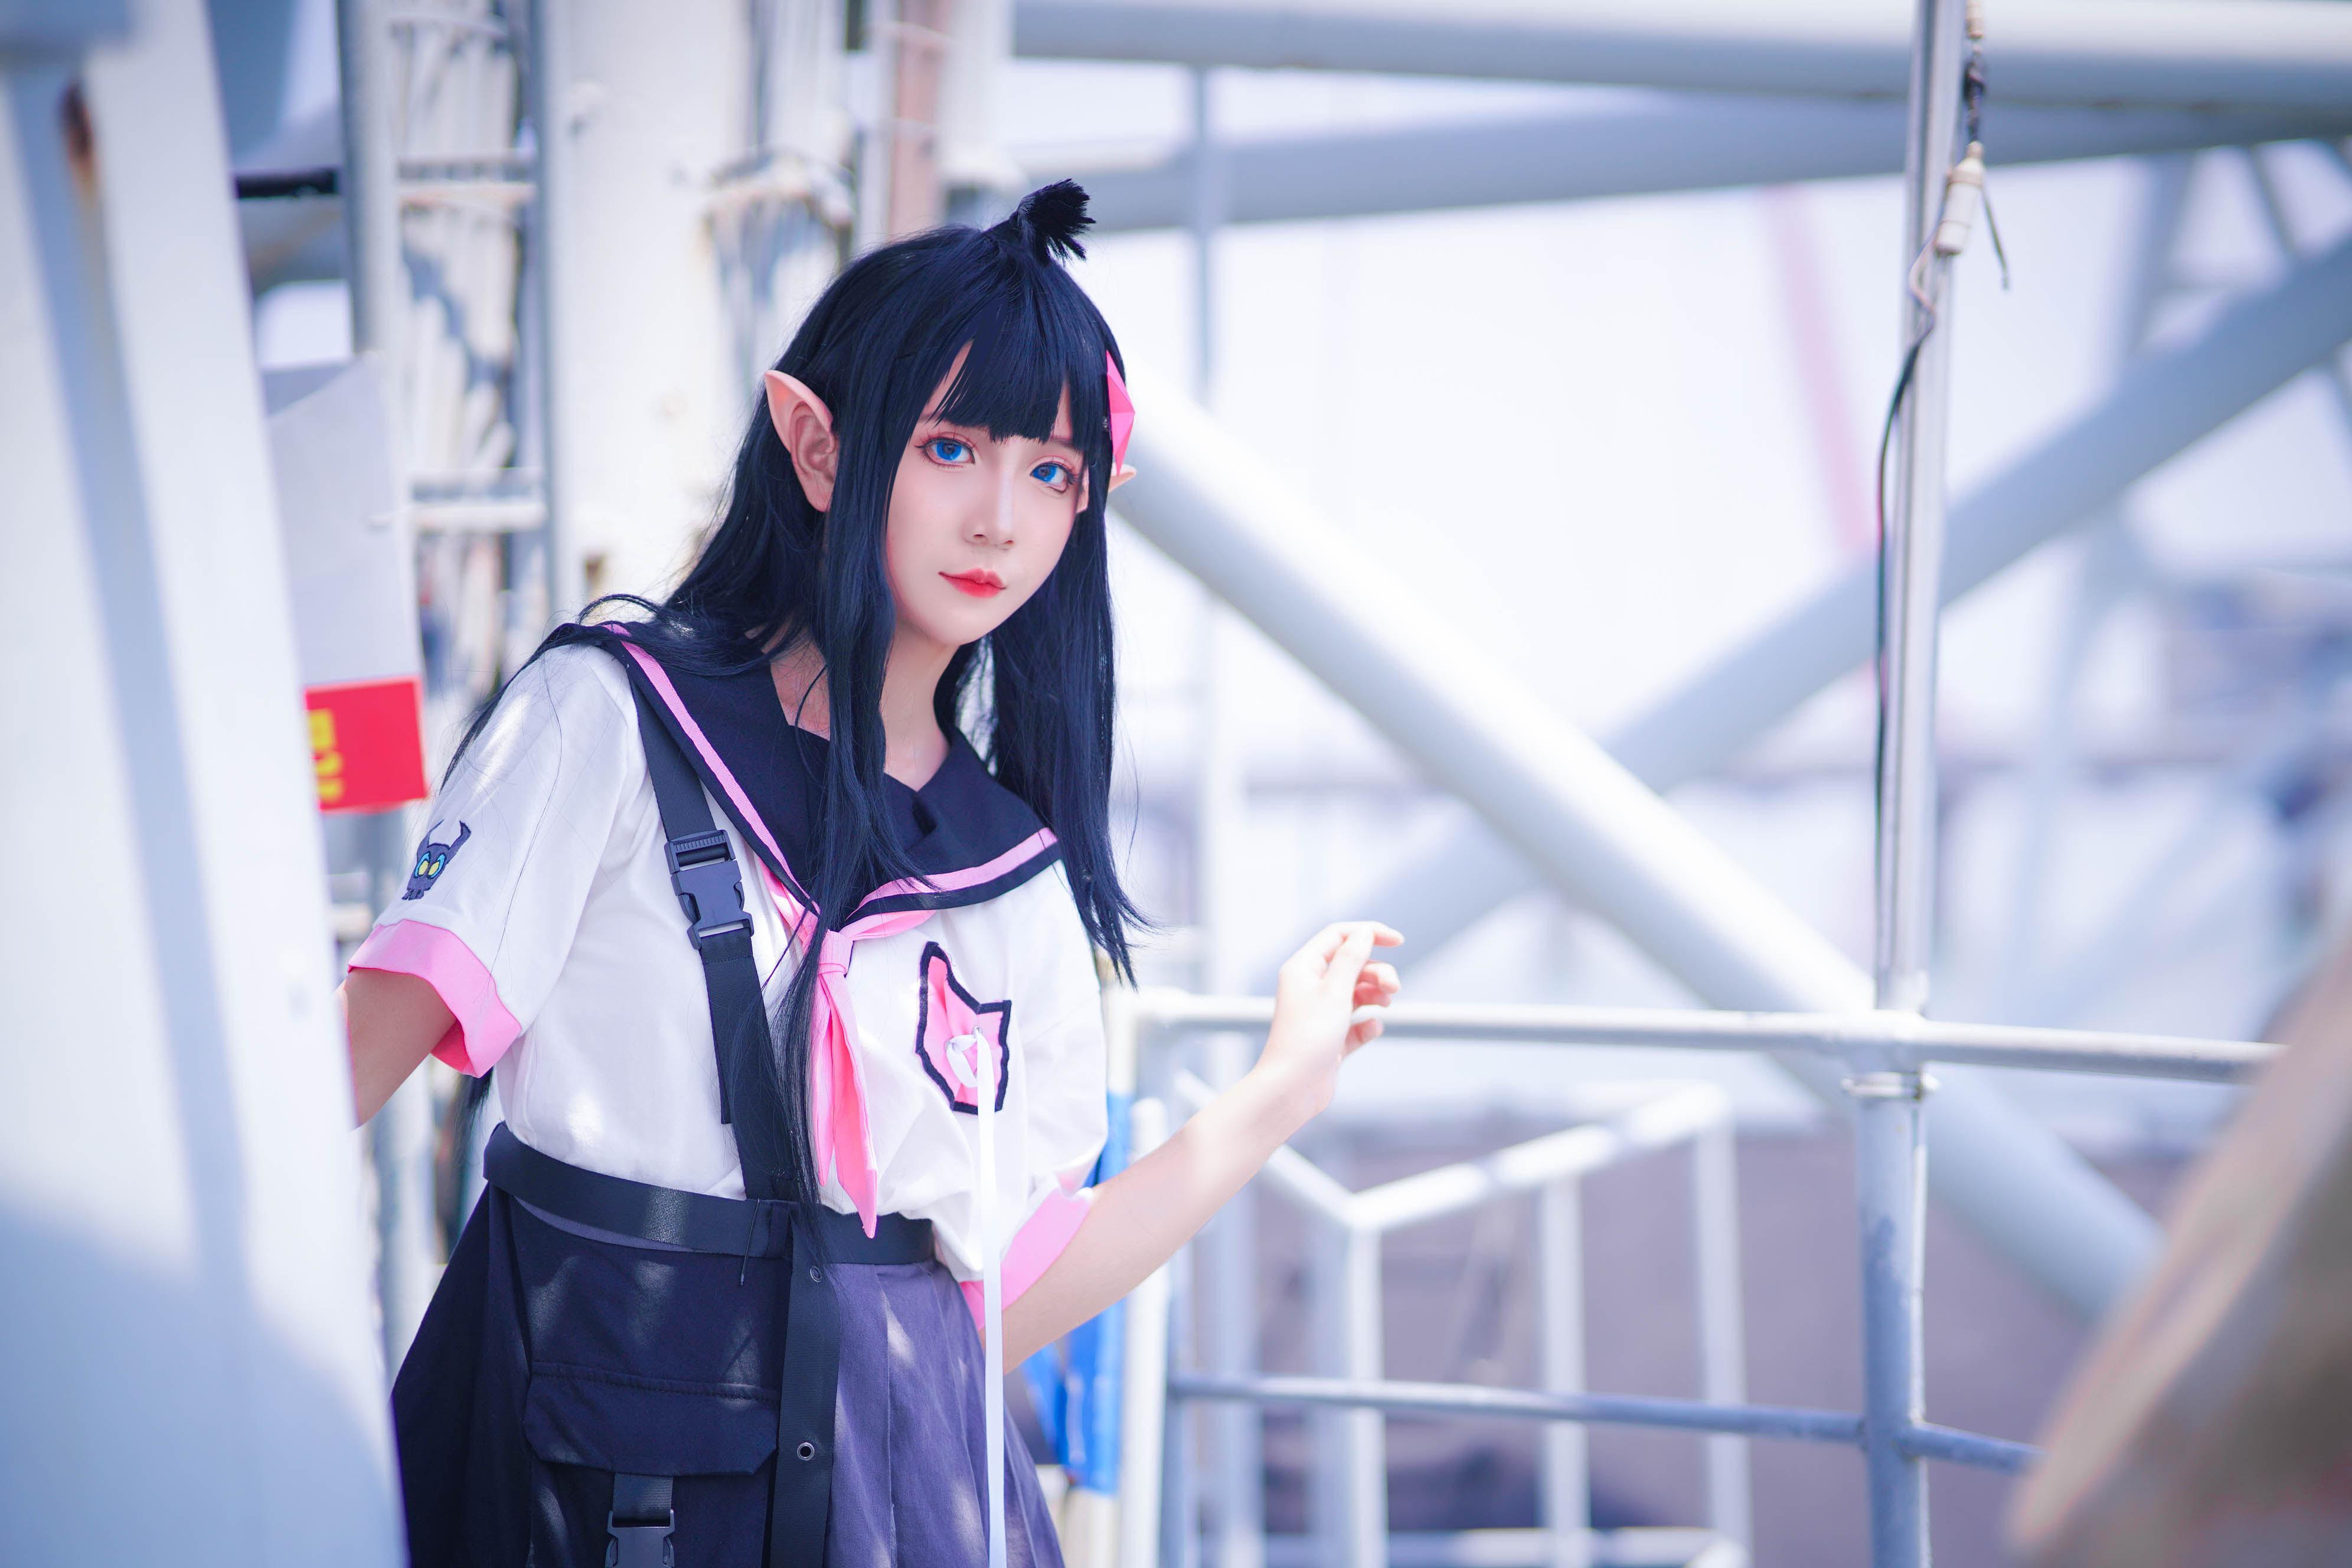 《凹凸世界》正片cosplay【CN:陌萱ONKYO】-第5张